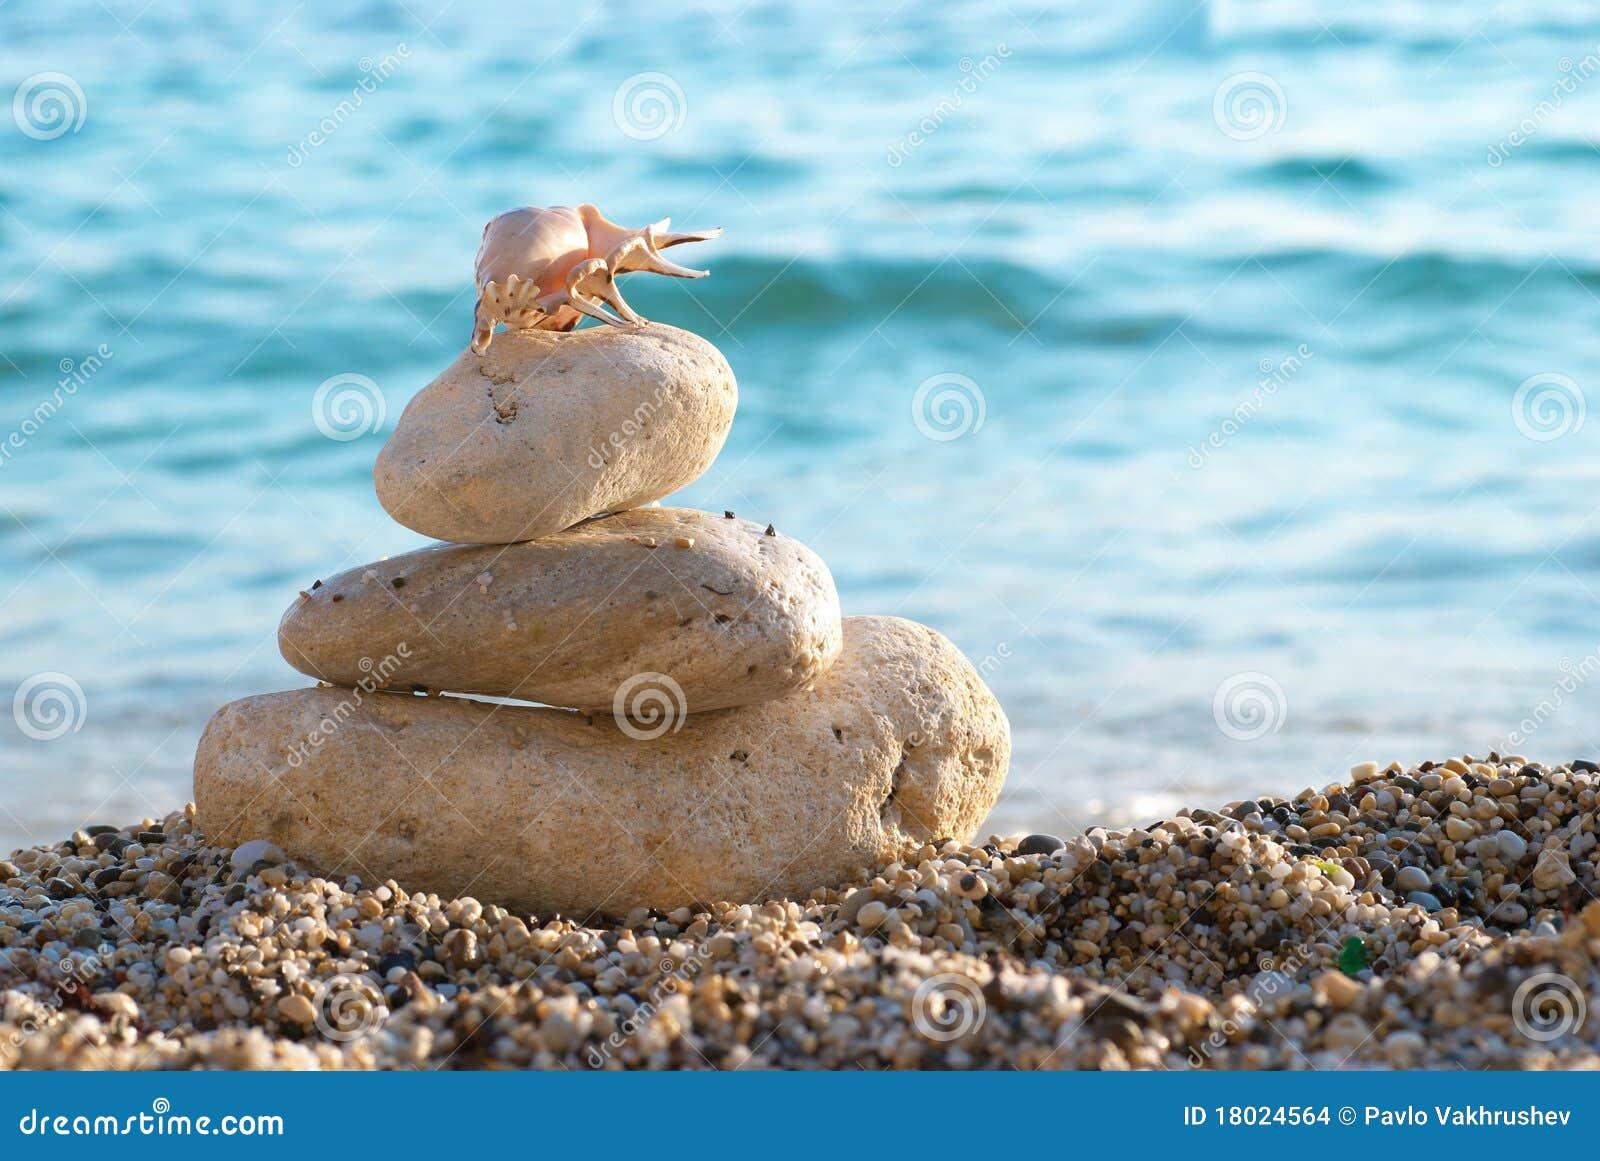 Seashell en la playa